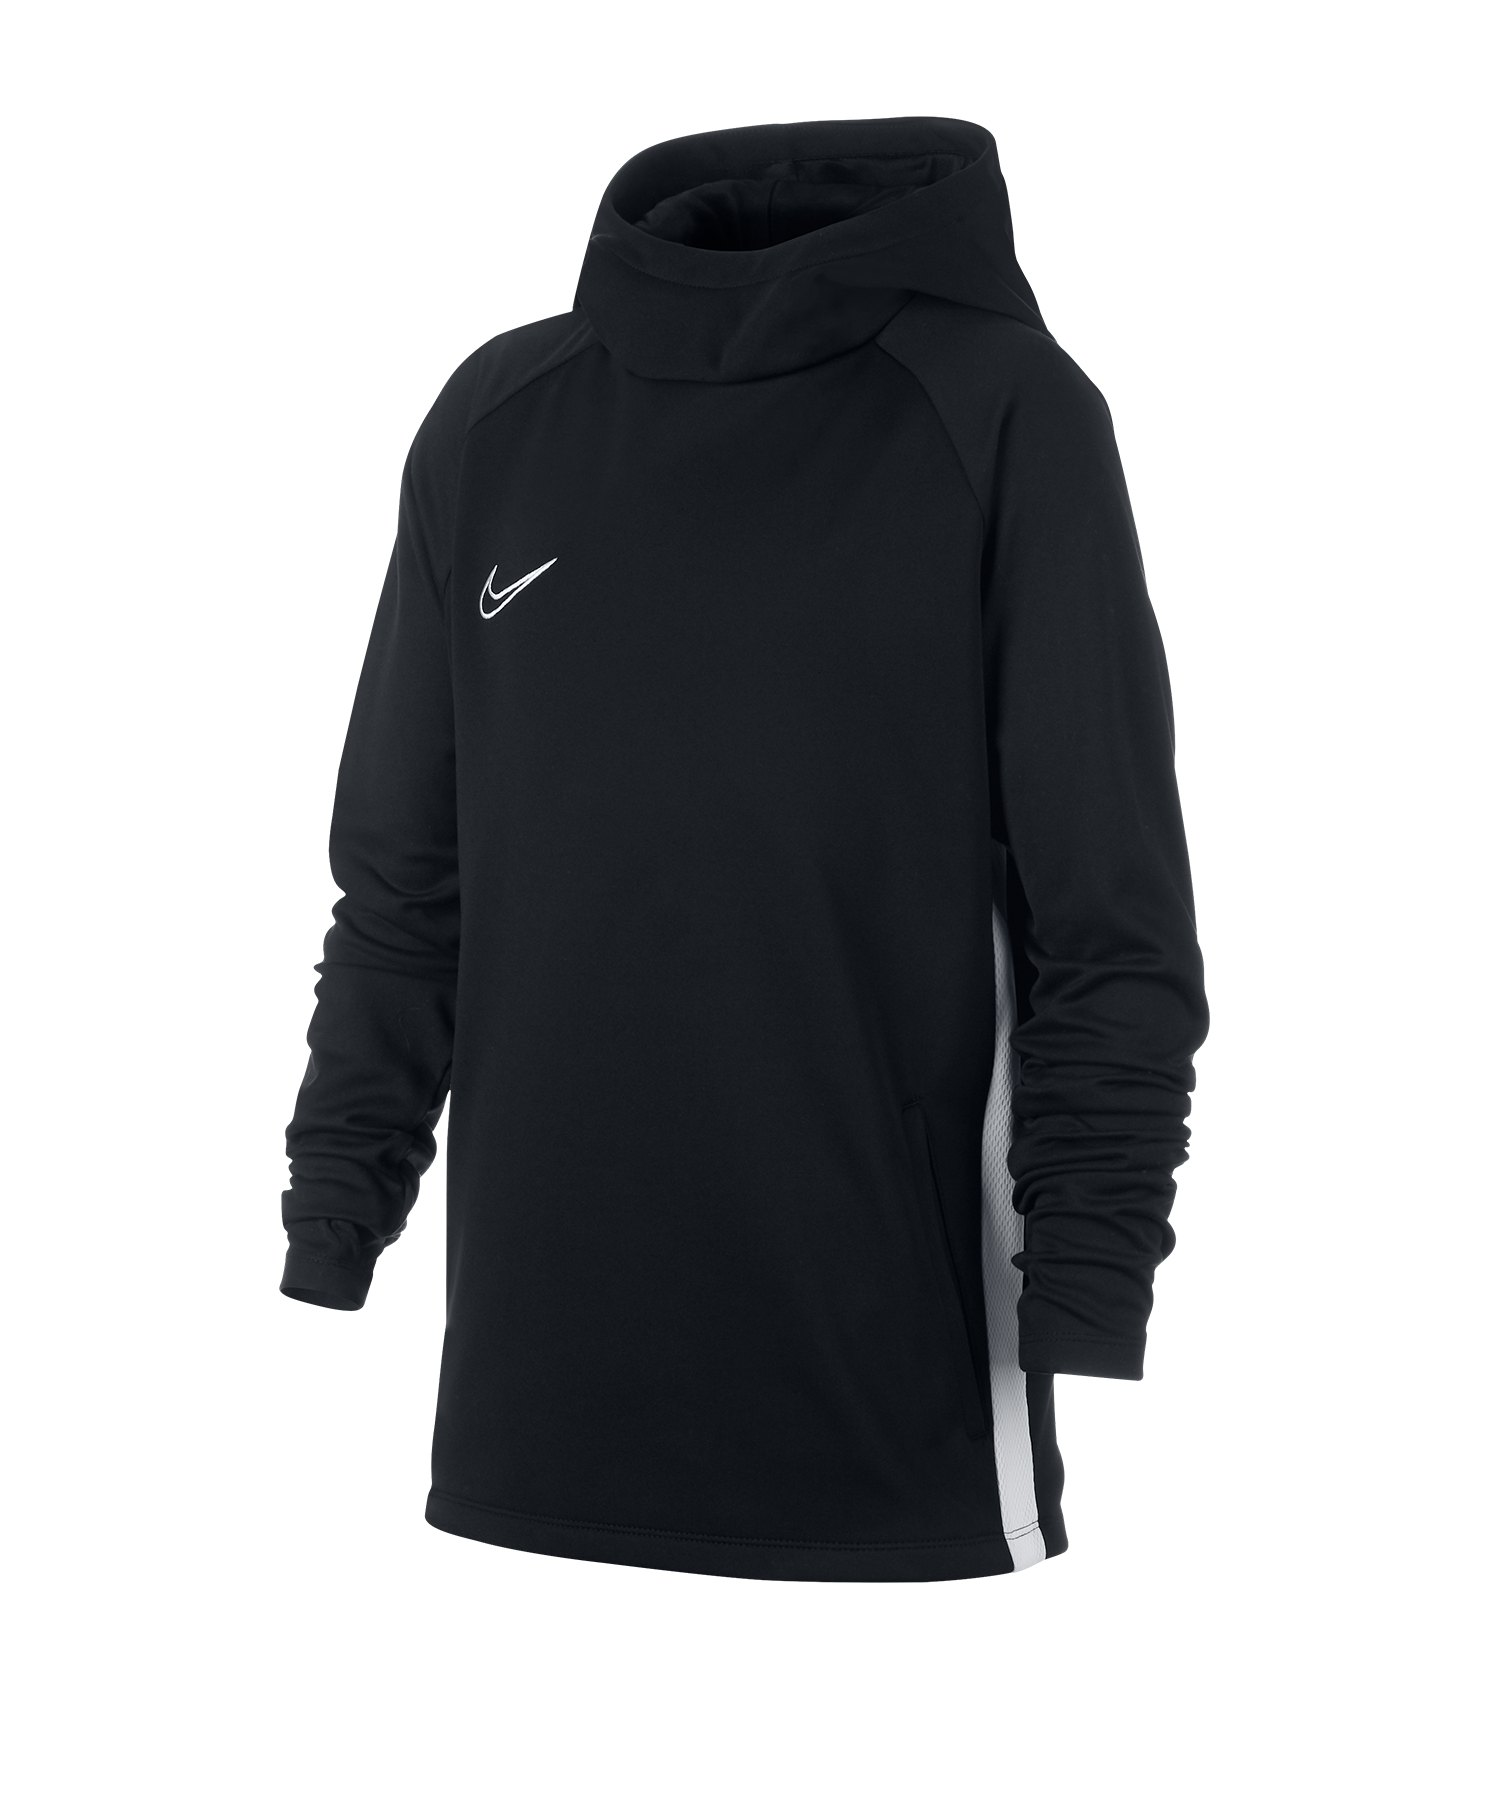 Nike Dri-FIT Academy Kapuzensweatshirt Kids F010 - schwarz